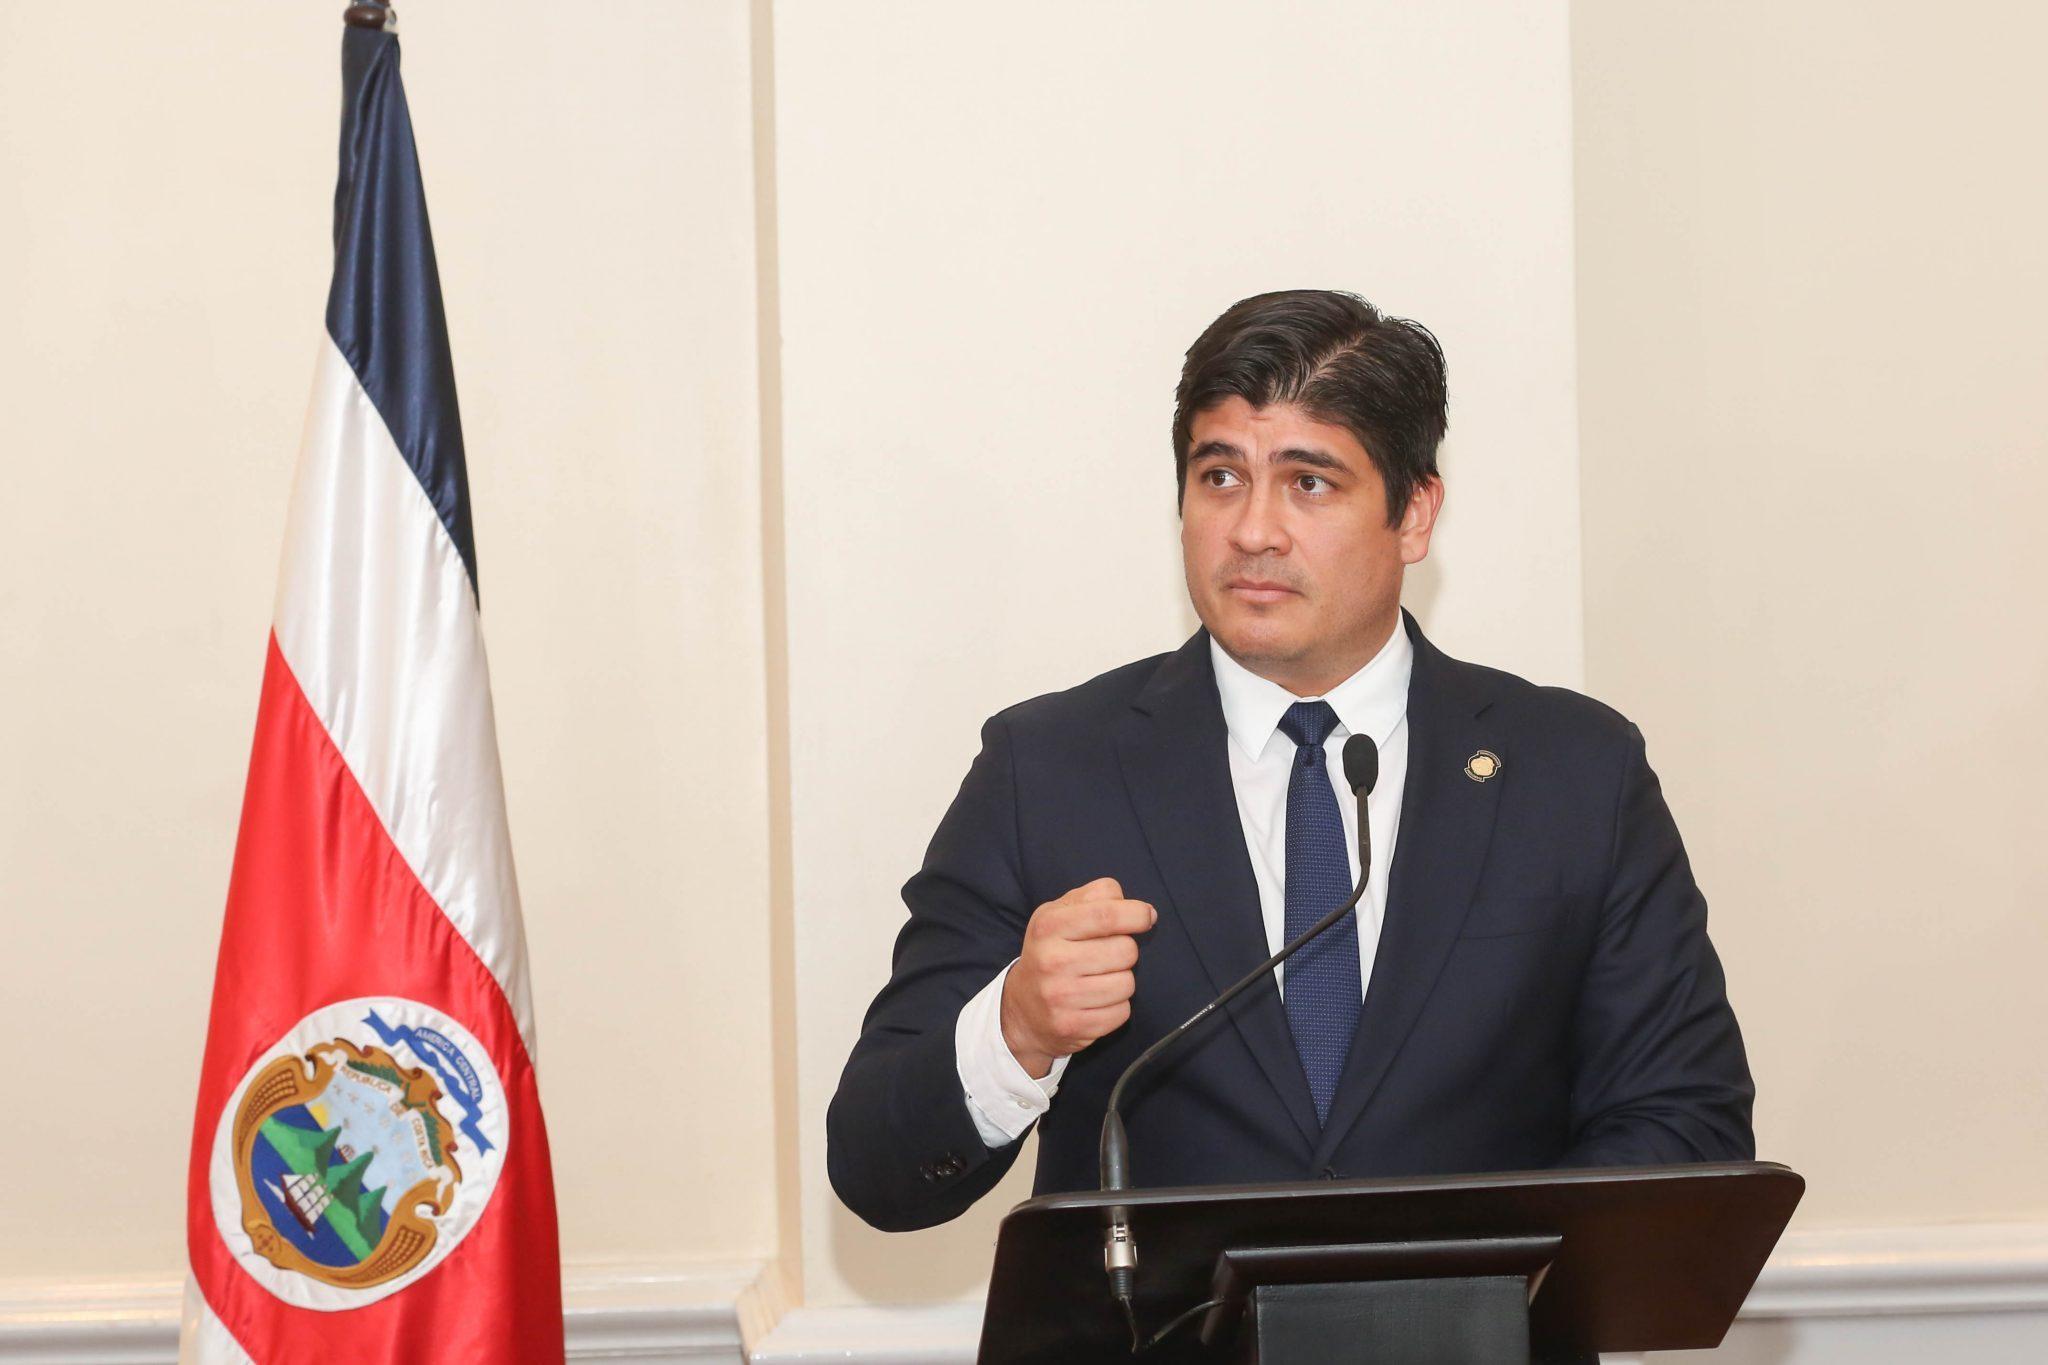 Carlos Alvarado, presidente de Costa Rica. Foto: Cortesía/Presidencia de Costa Rica